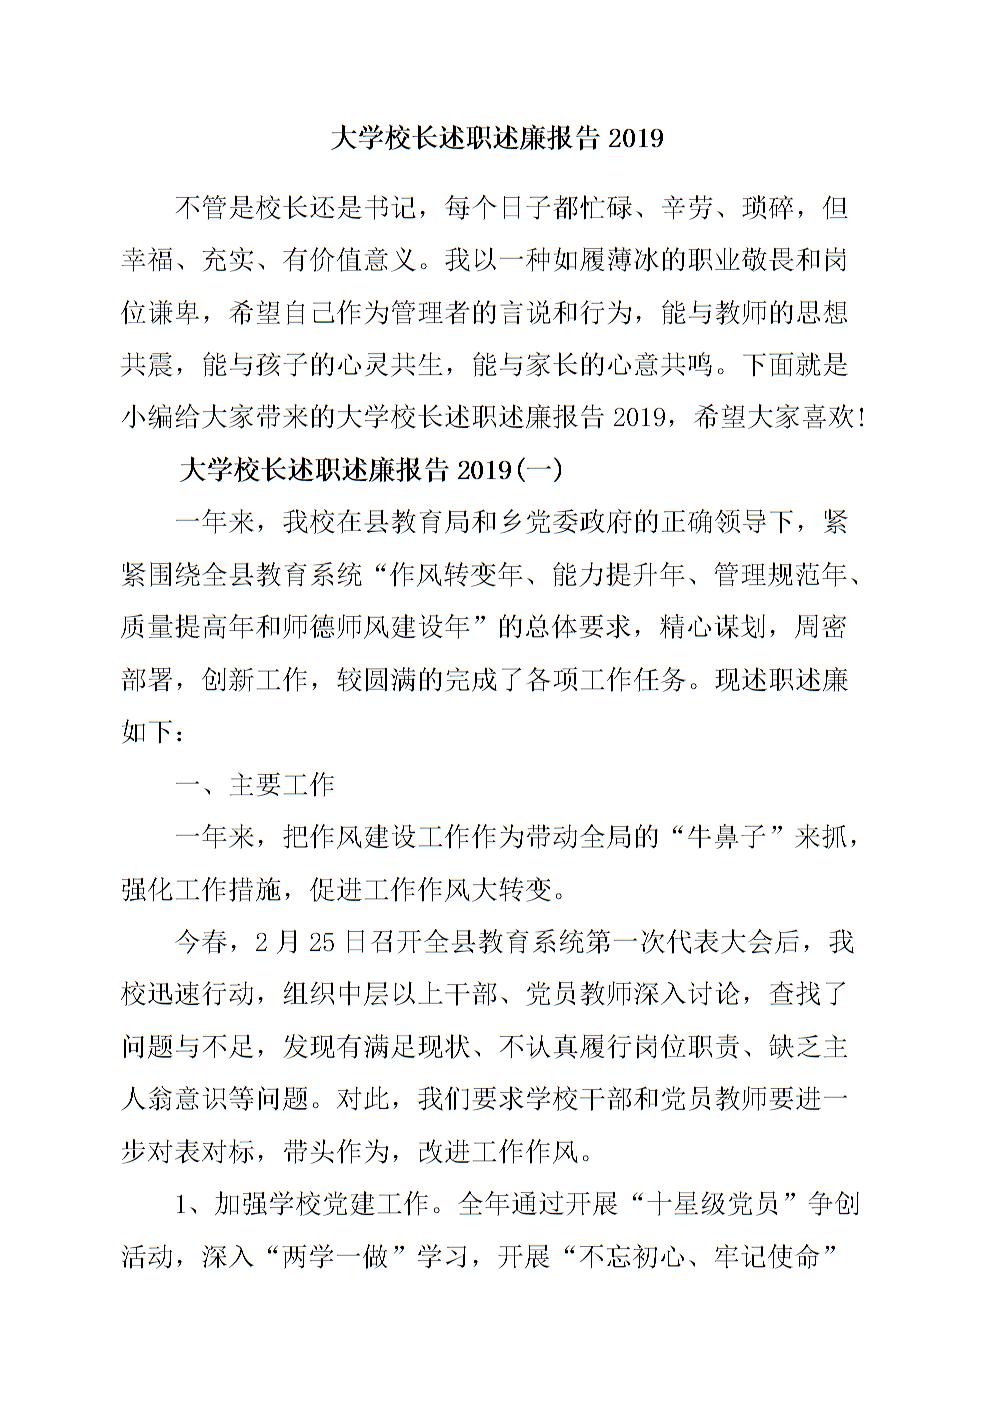 大学校长述职述廉报告2019.doc